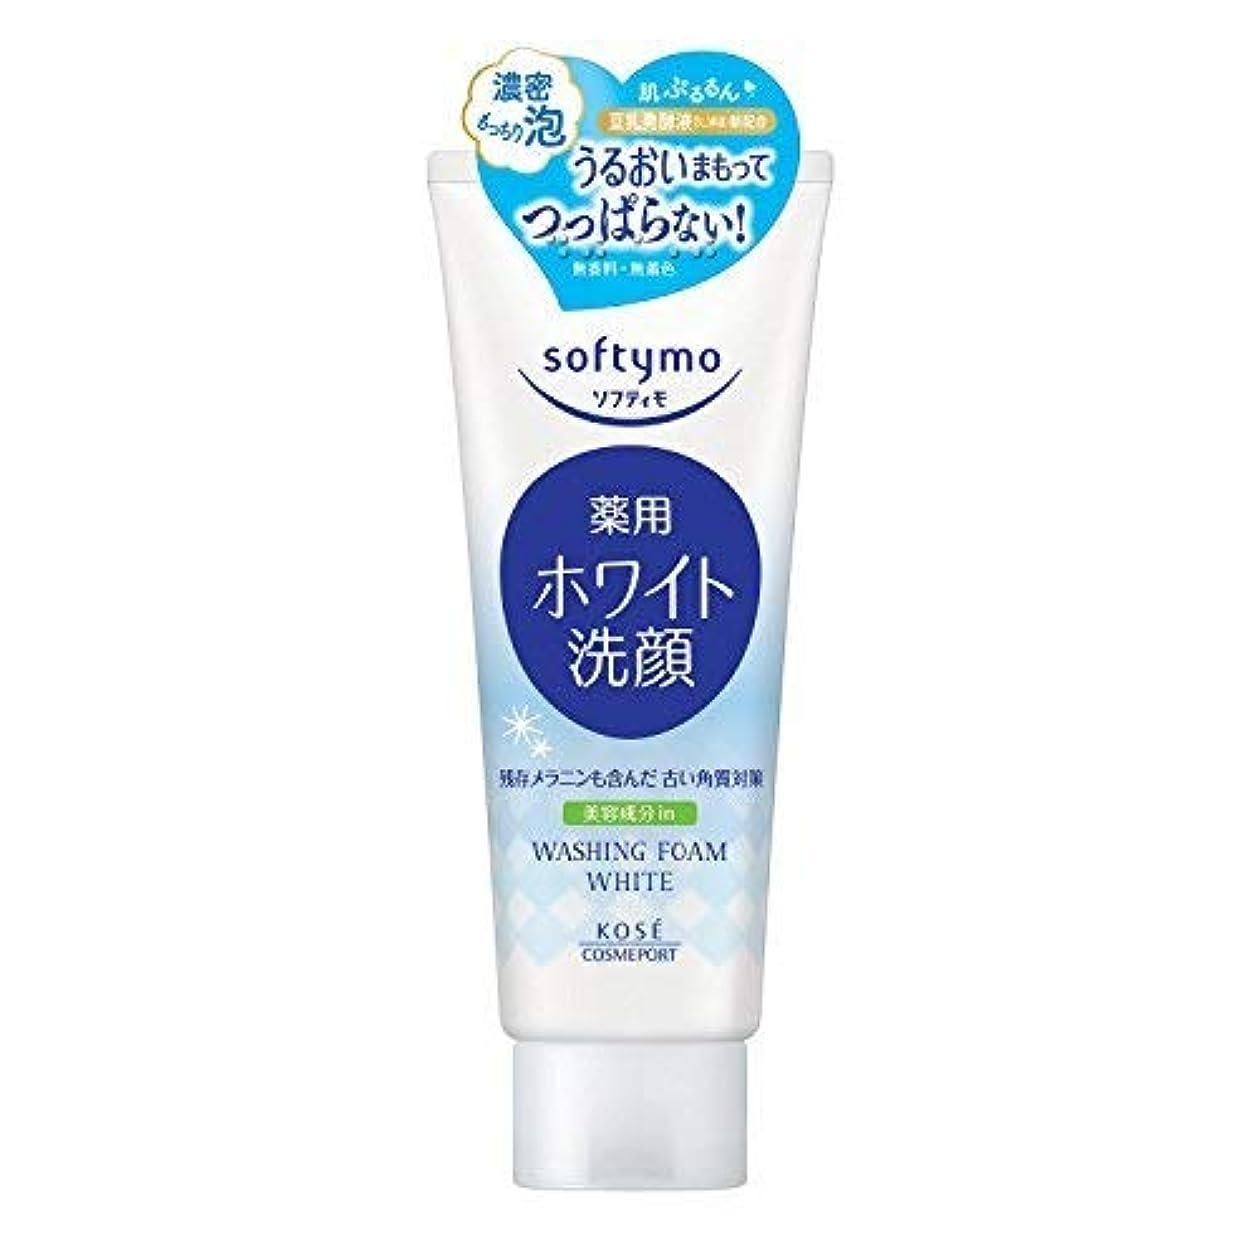 敗北満足させる消費者ソフティモ薬用洗顔フォーム(ホワイト) × 24個セット